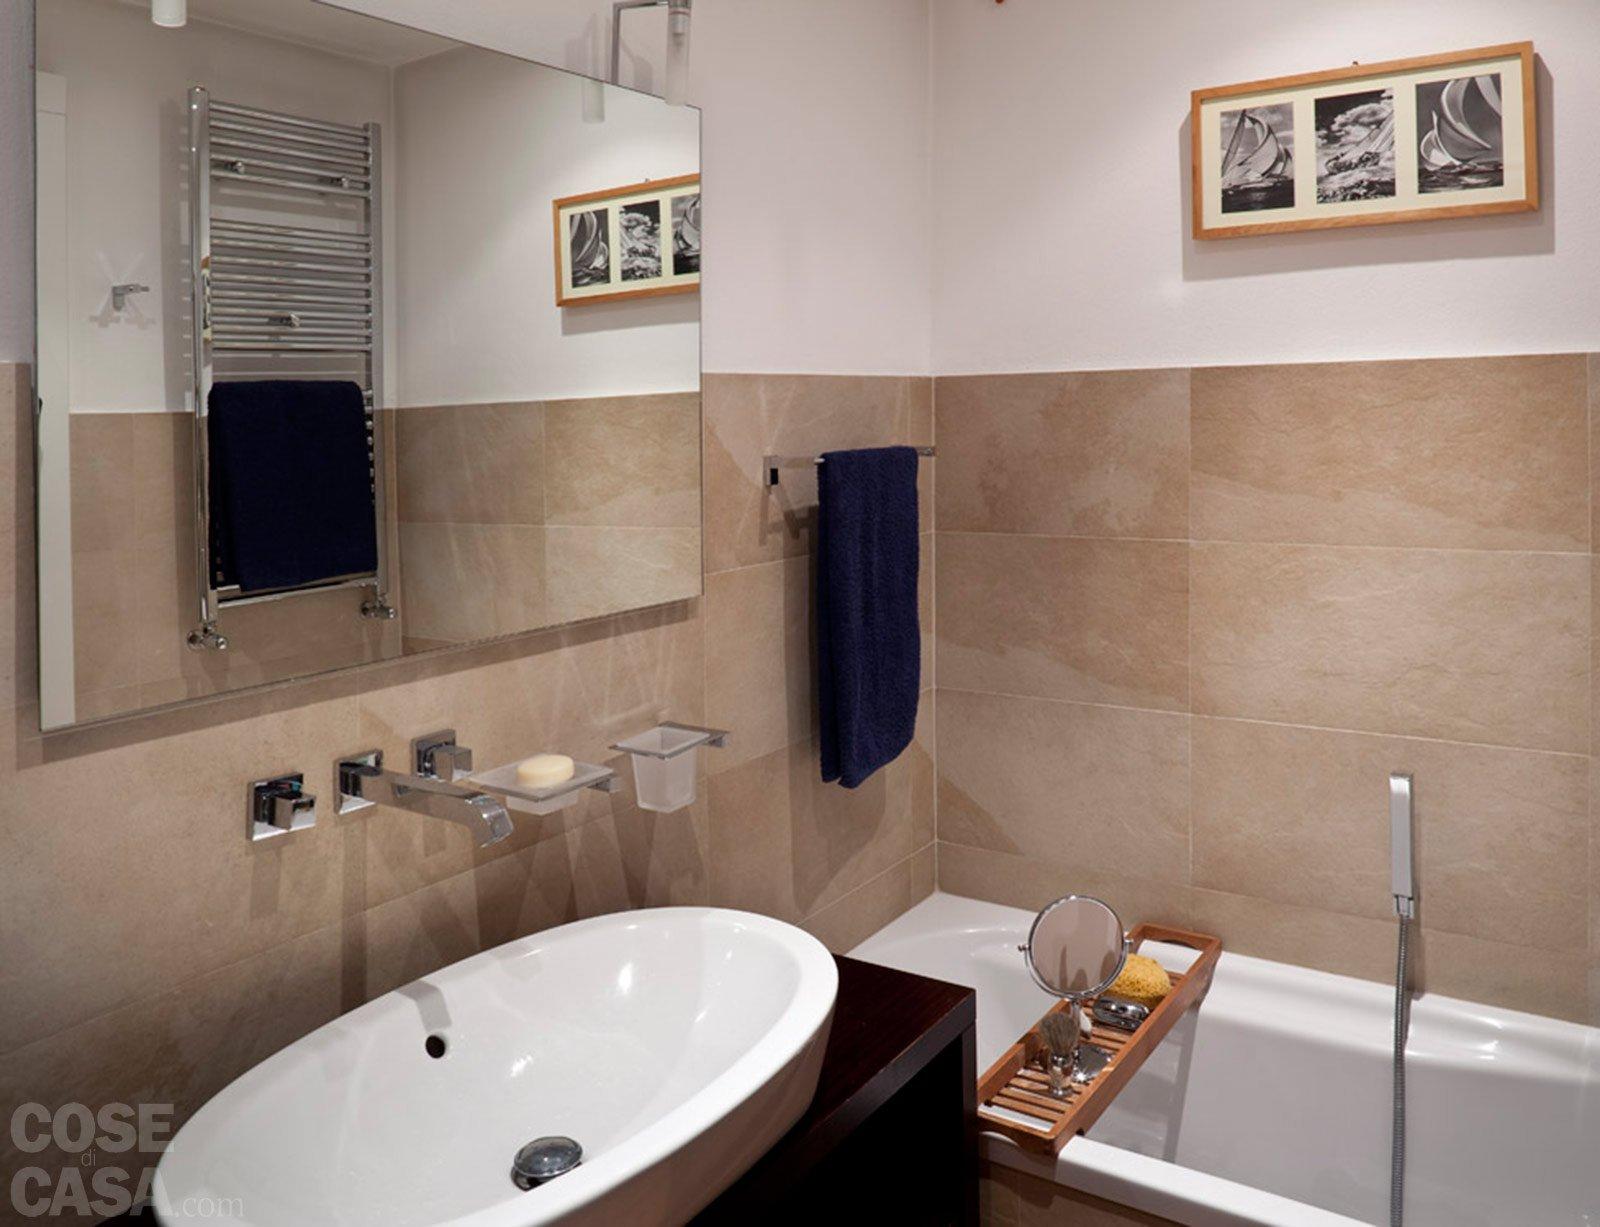 Piastrelle bagno altezza minima: altezza rivestimento bagno quale è